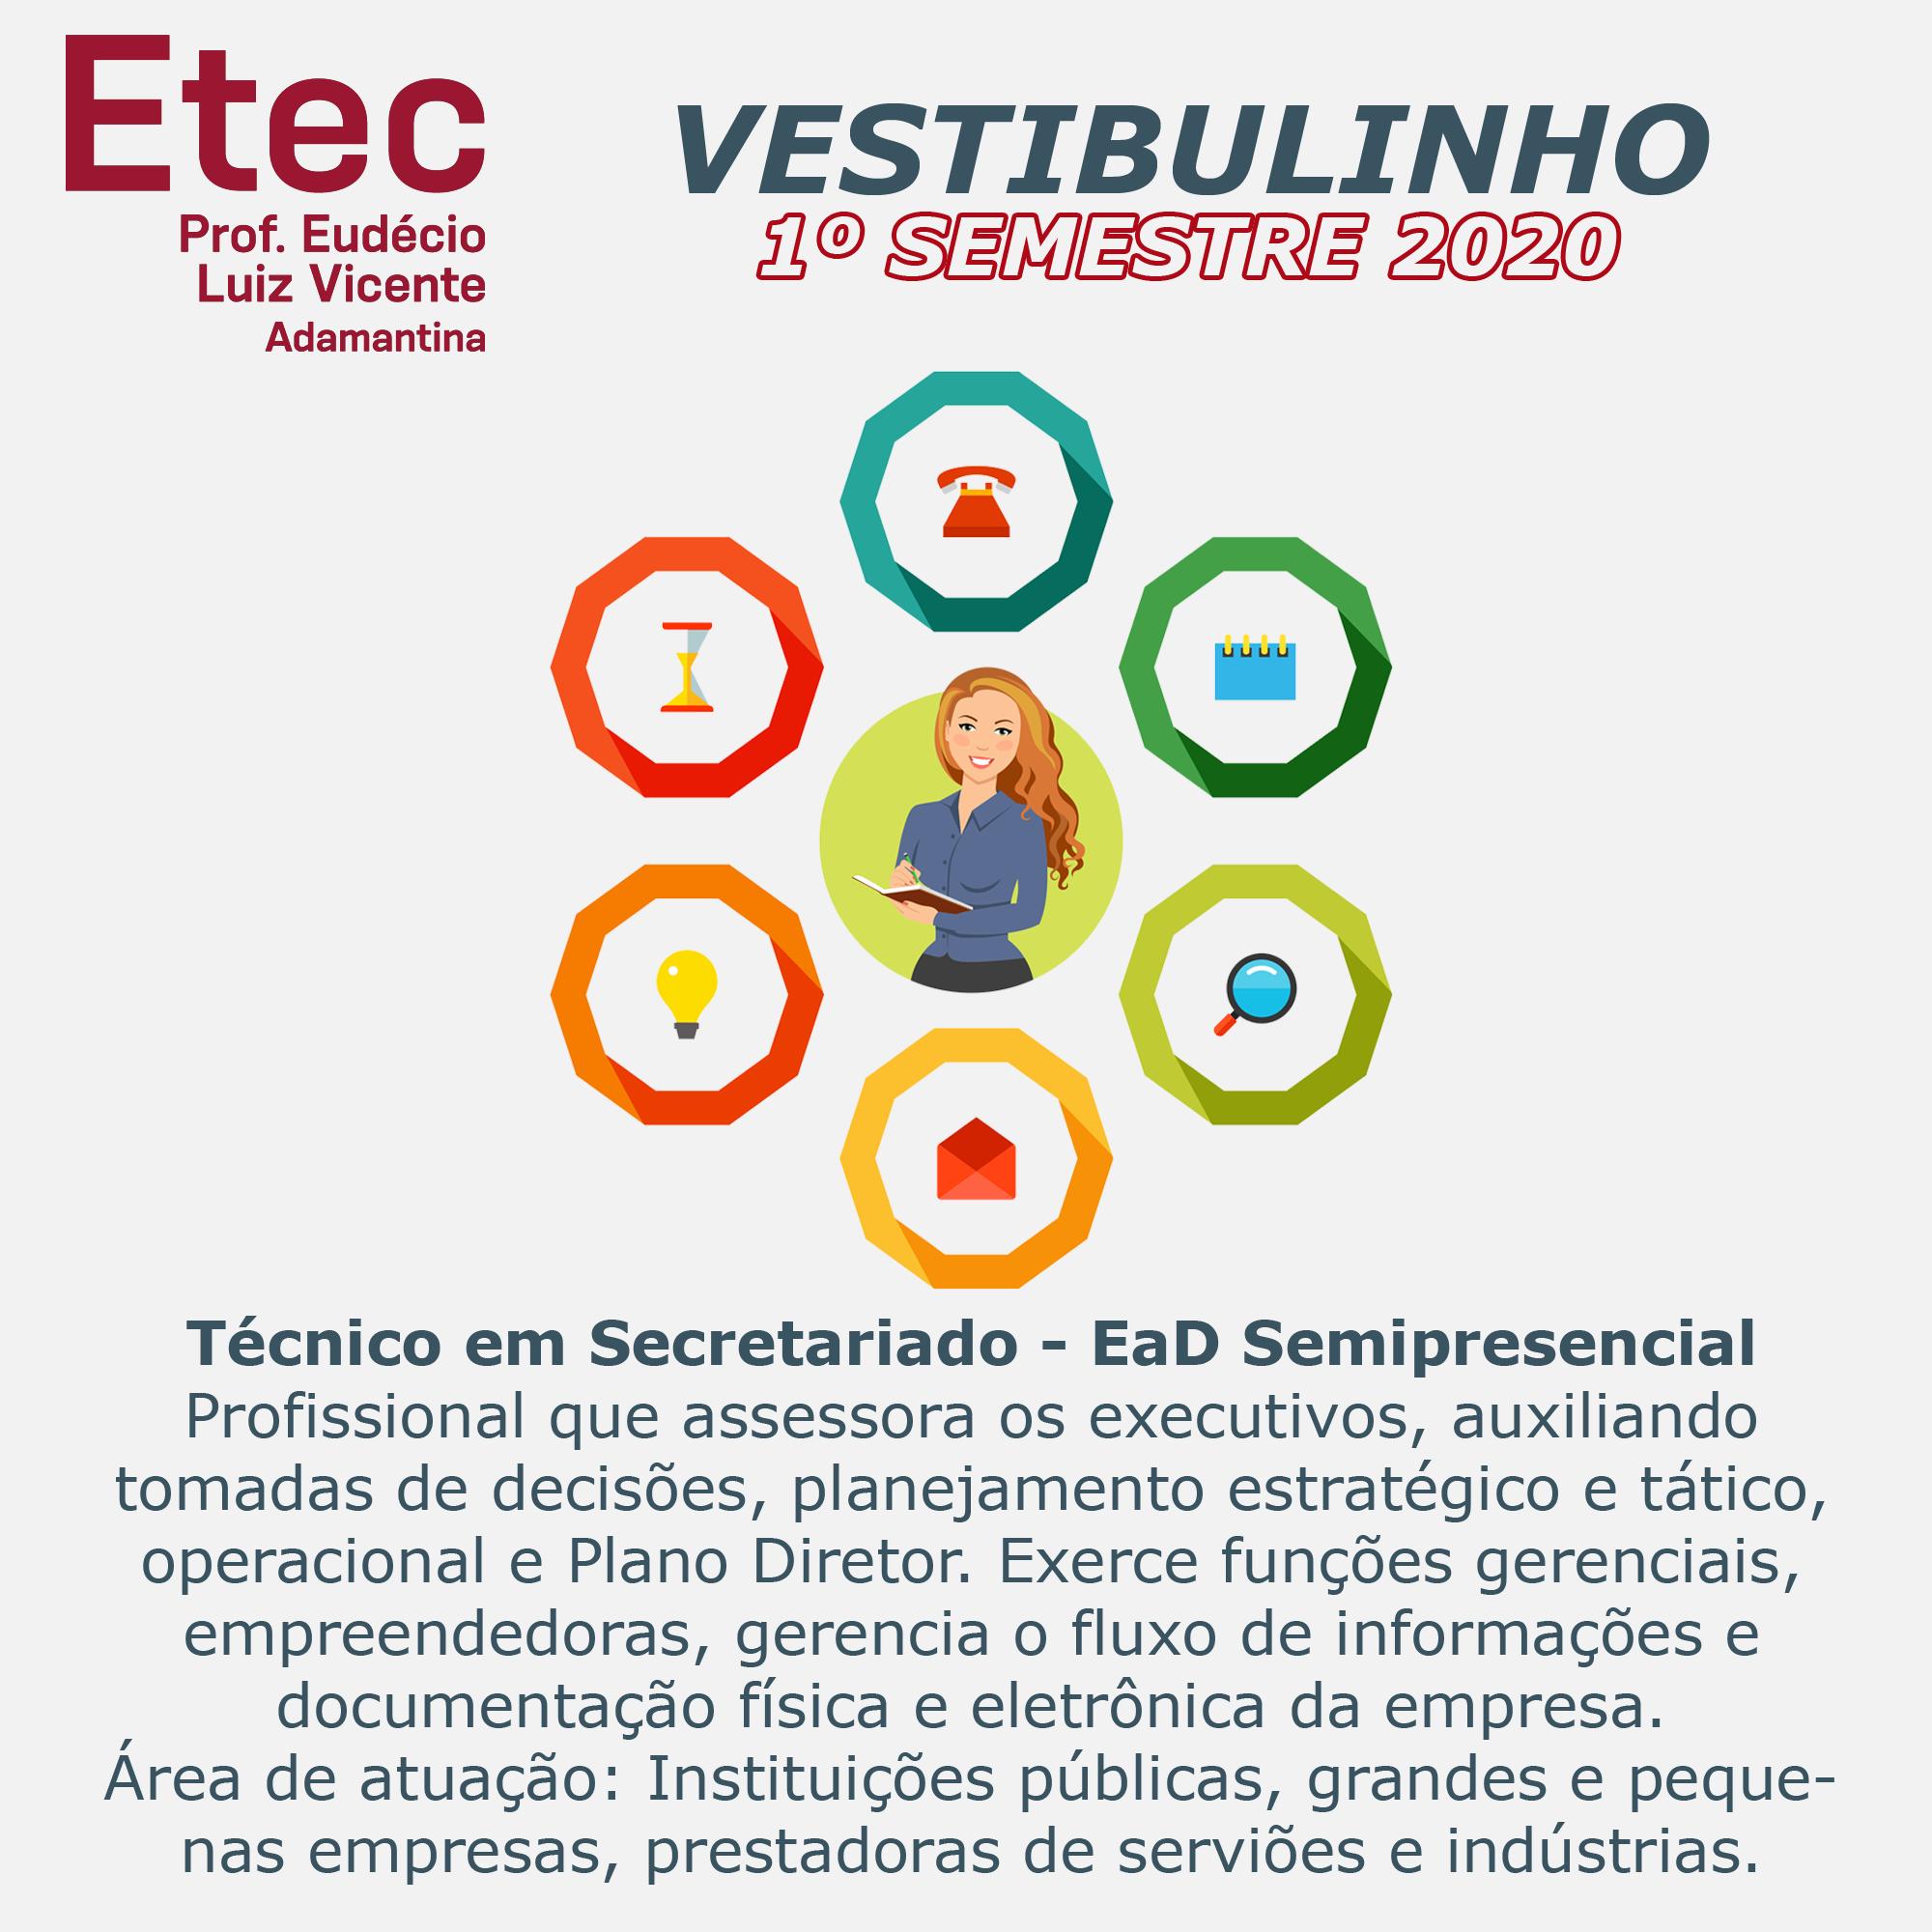 vestibulinho_cursos_ead_secretariado